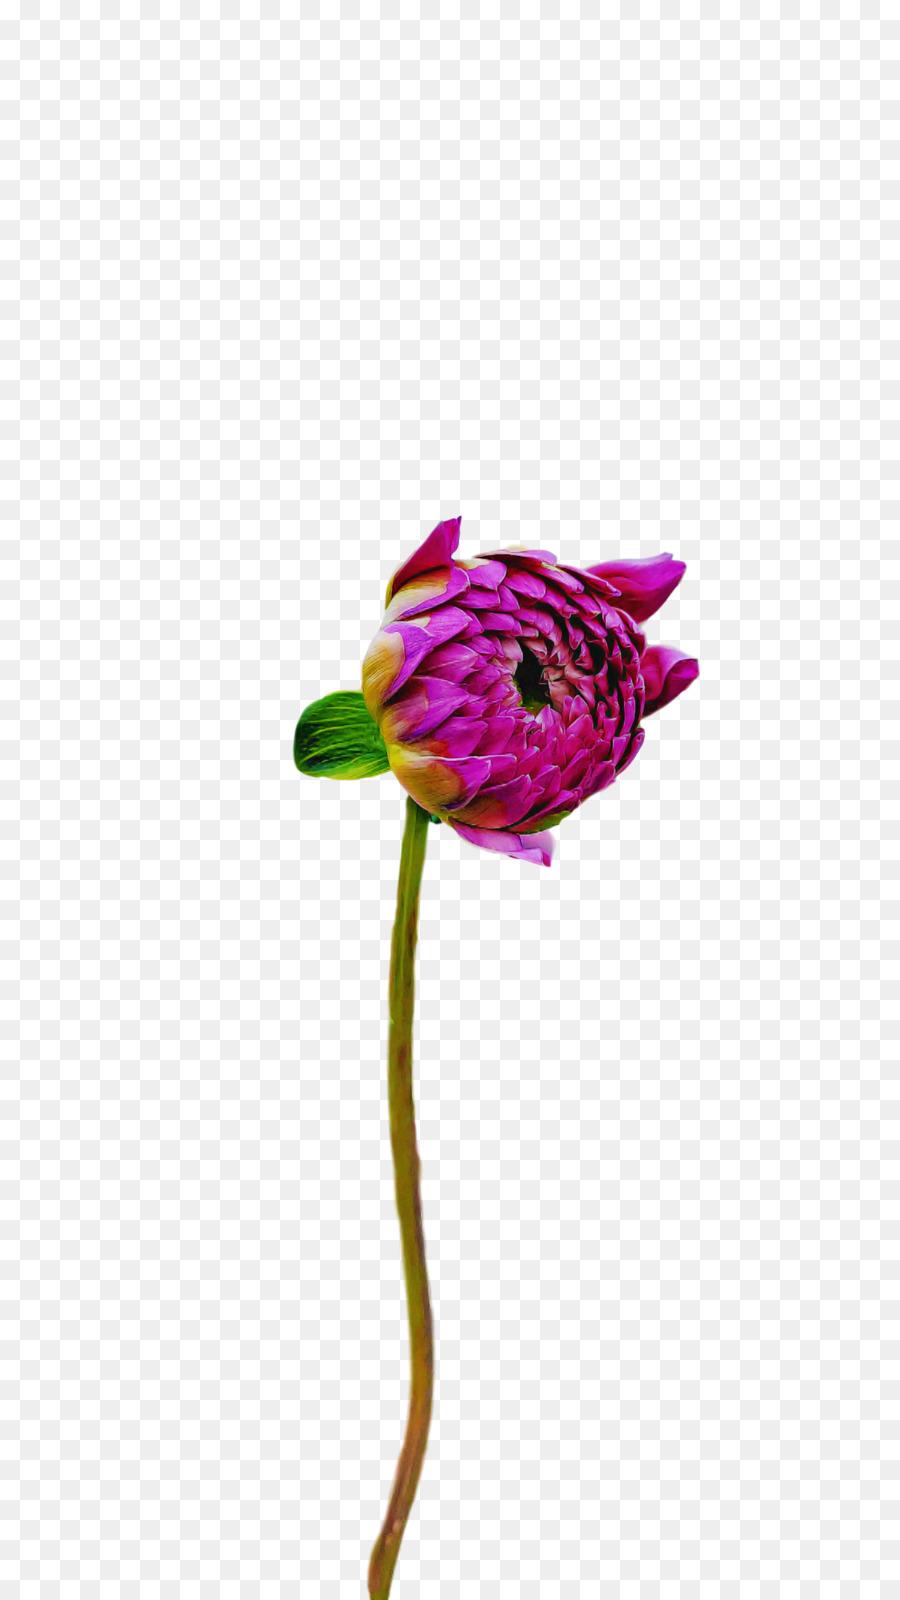 Descarga gratuita de Tallo De La Planta, Las Flores Cortadas, Las Rosas De Jardín Imágen de Png